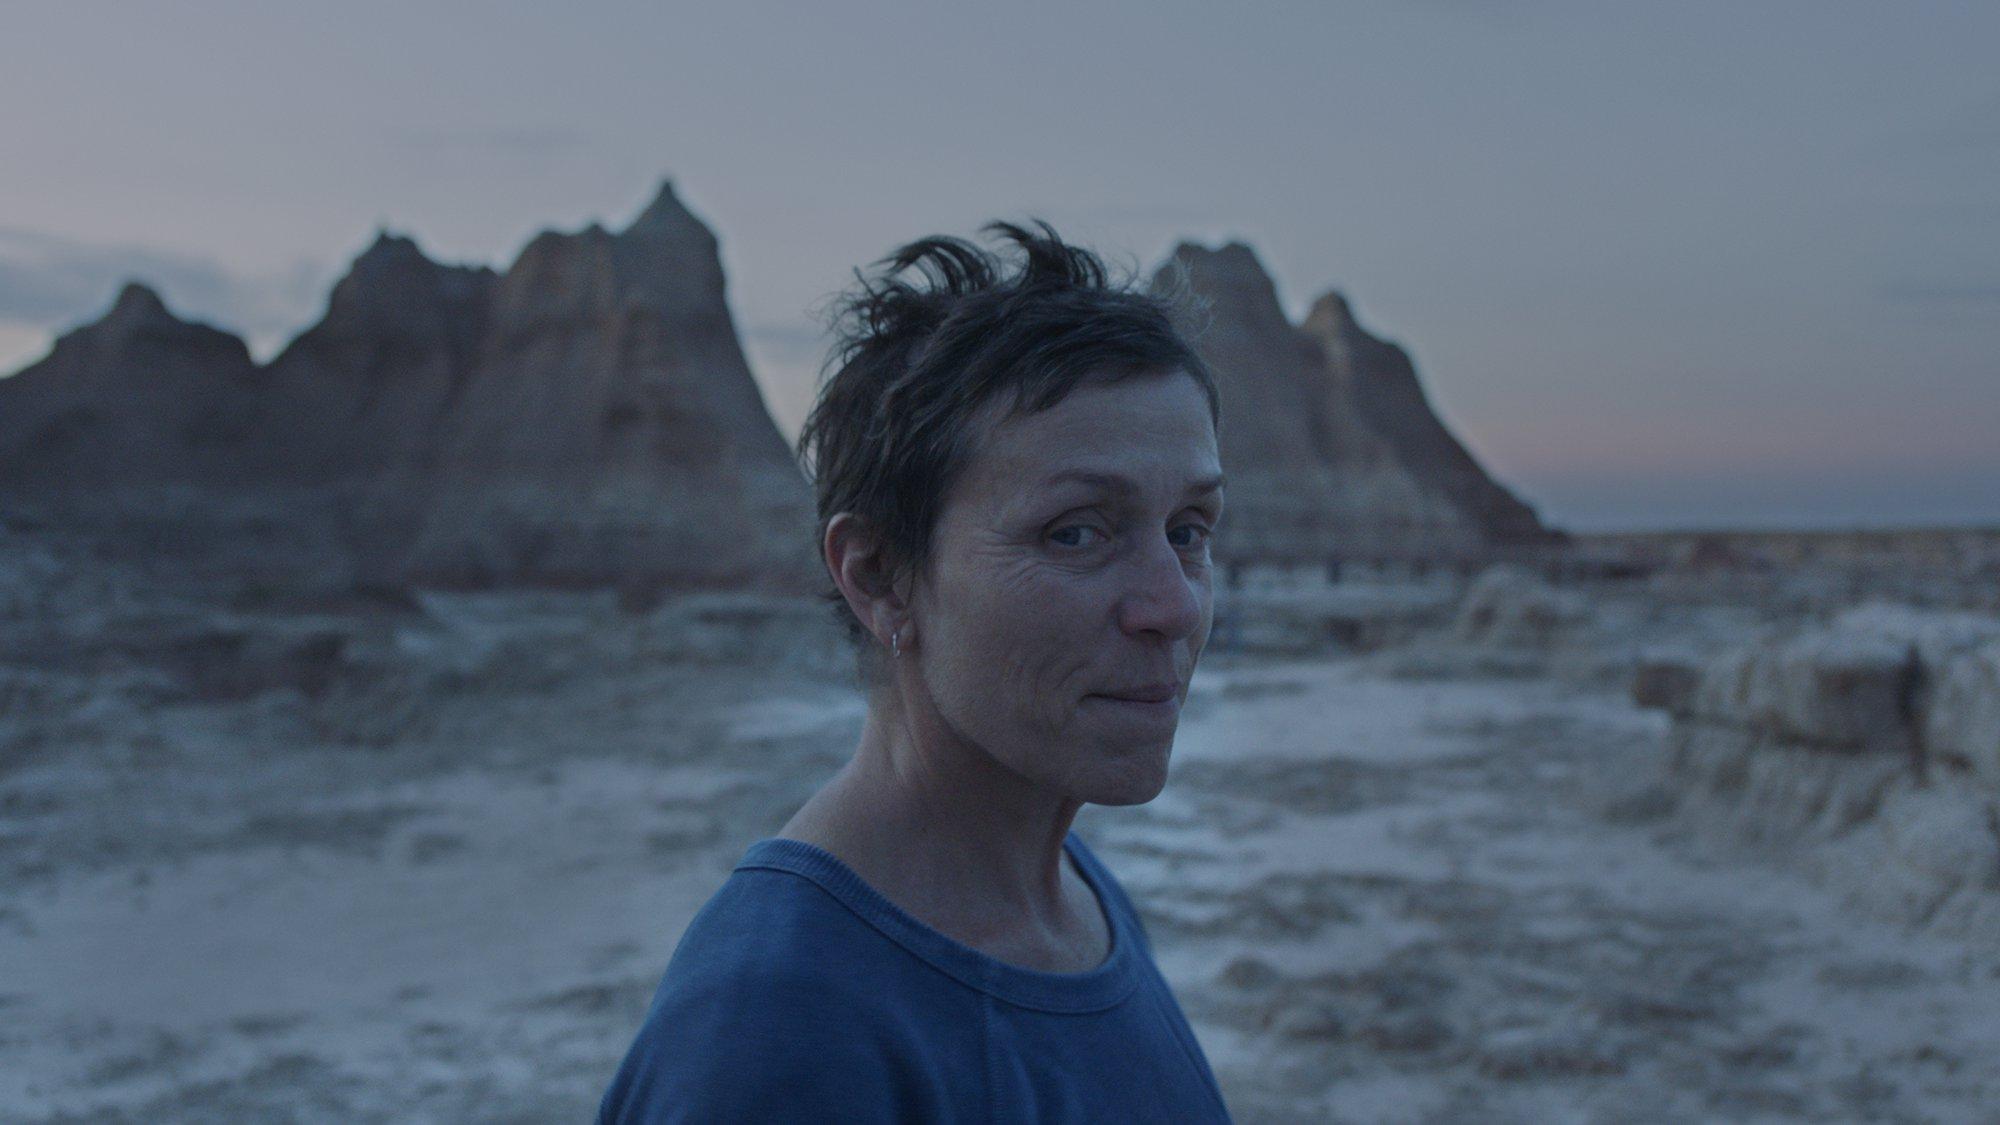 Best Films of 2020 - Nomadland